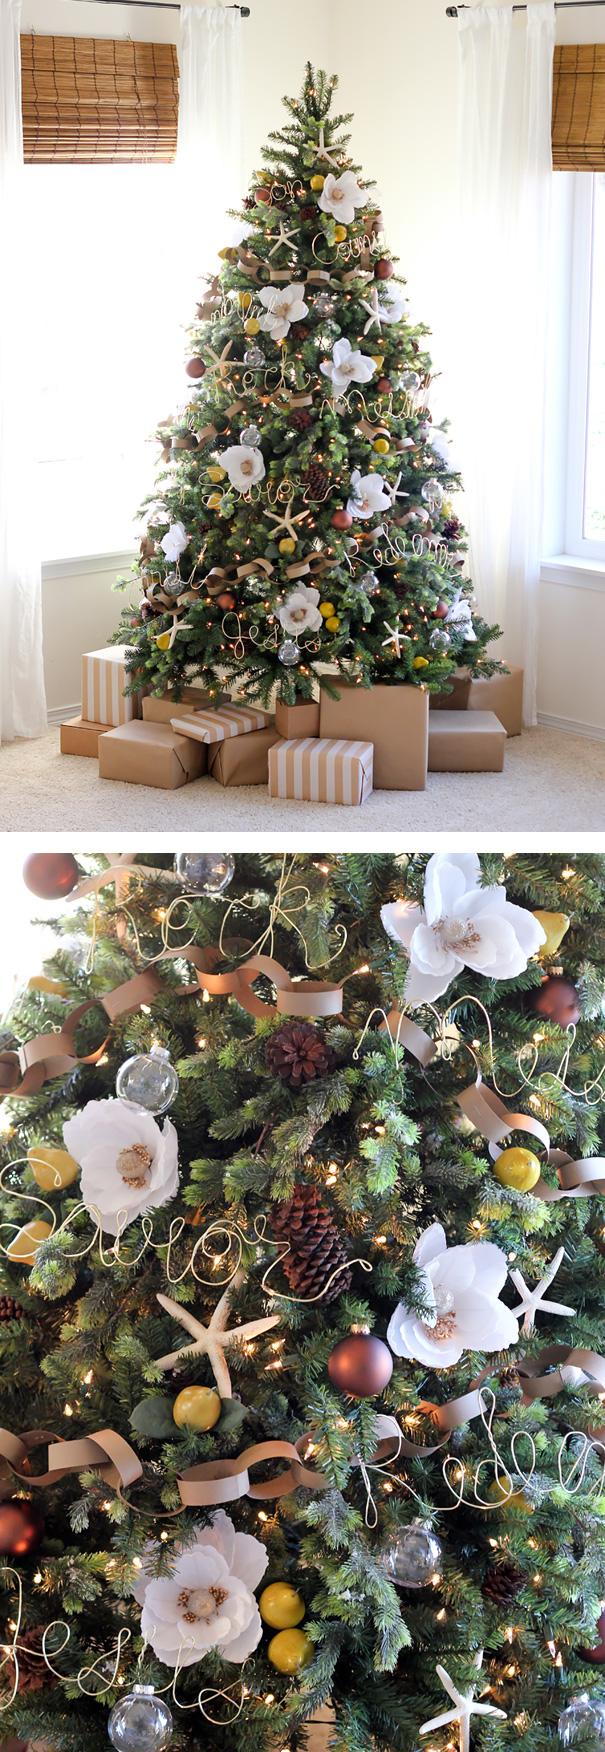 Décorez votre sapin de Noël avec des fleurs decorer-votre-sapin-avec-des-fleurs-6